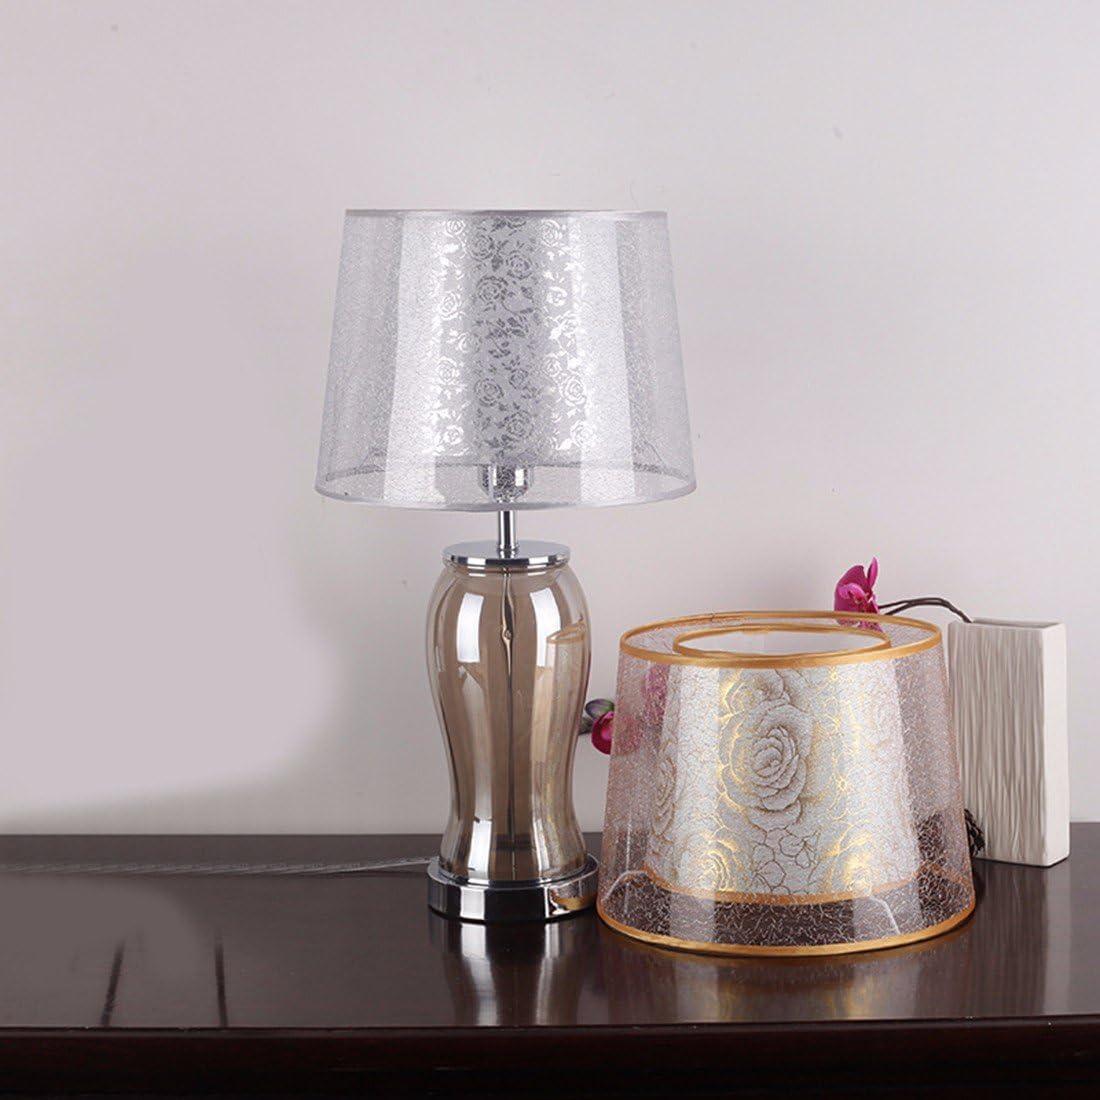 CJSHV-Lámpara de mesa Creativo Europeo De Dormitorio Lampara Velador Lampara De Cristal Caliente De Boda Moderno Minimalista Lámpara De Jardín,Plateado: Amazon.es: Iluminación